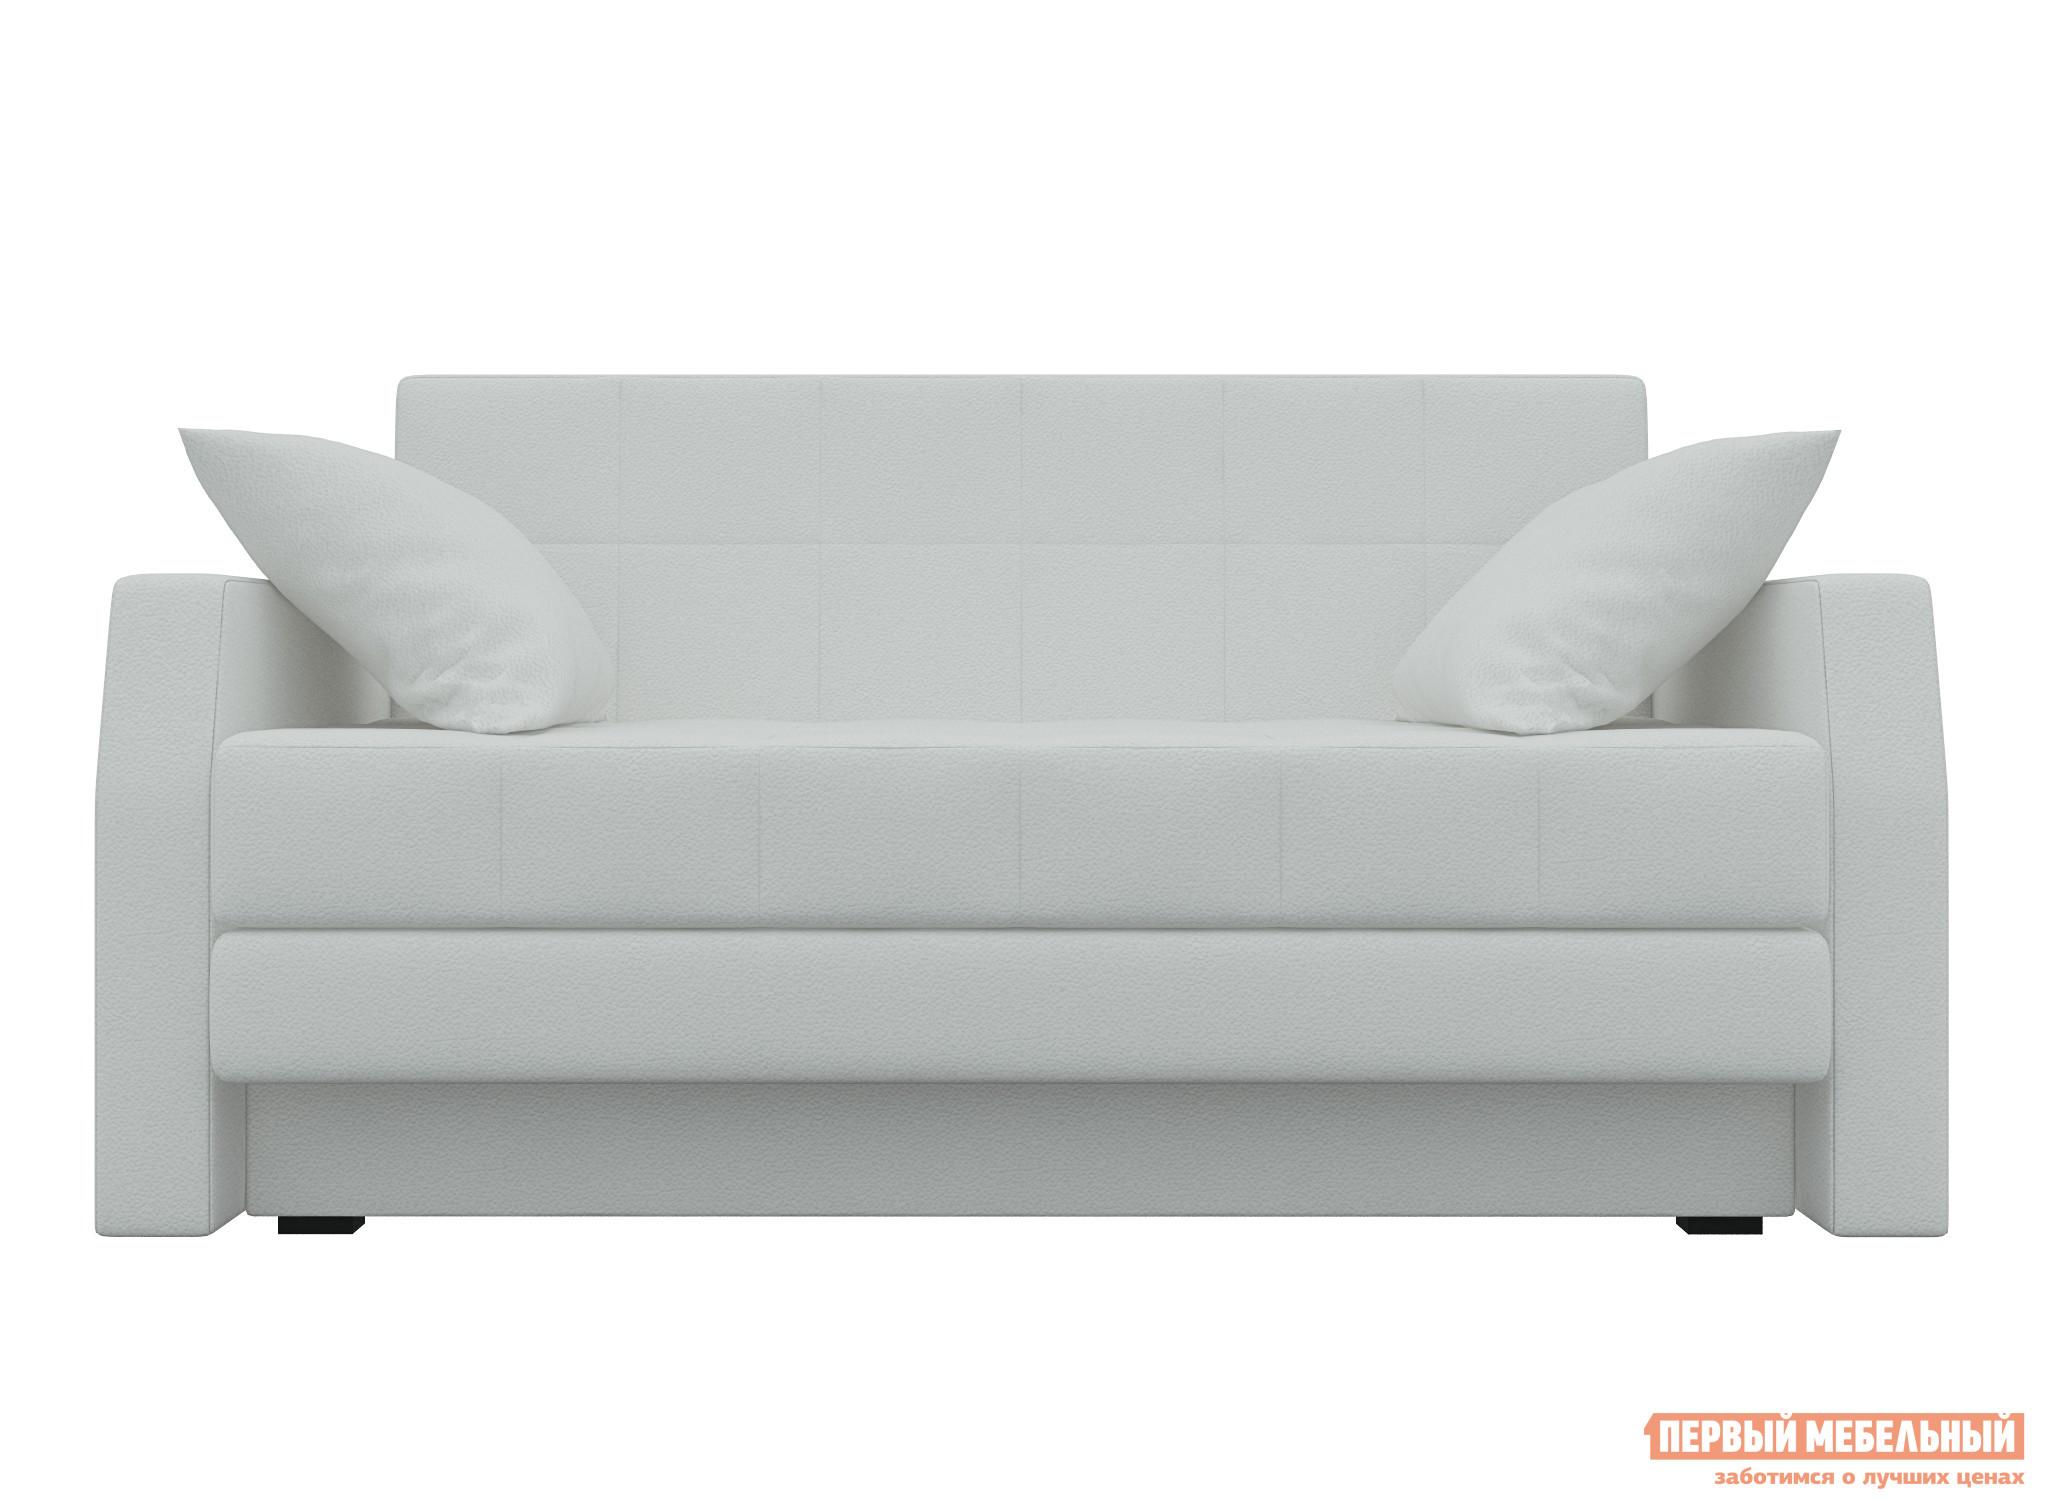 Купить диван малютка в  Москве